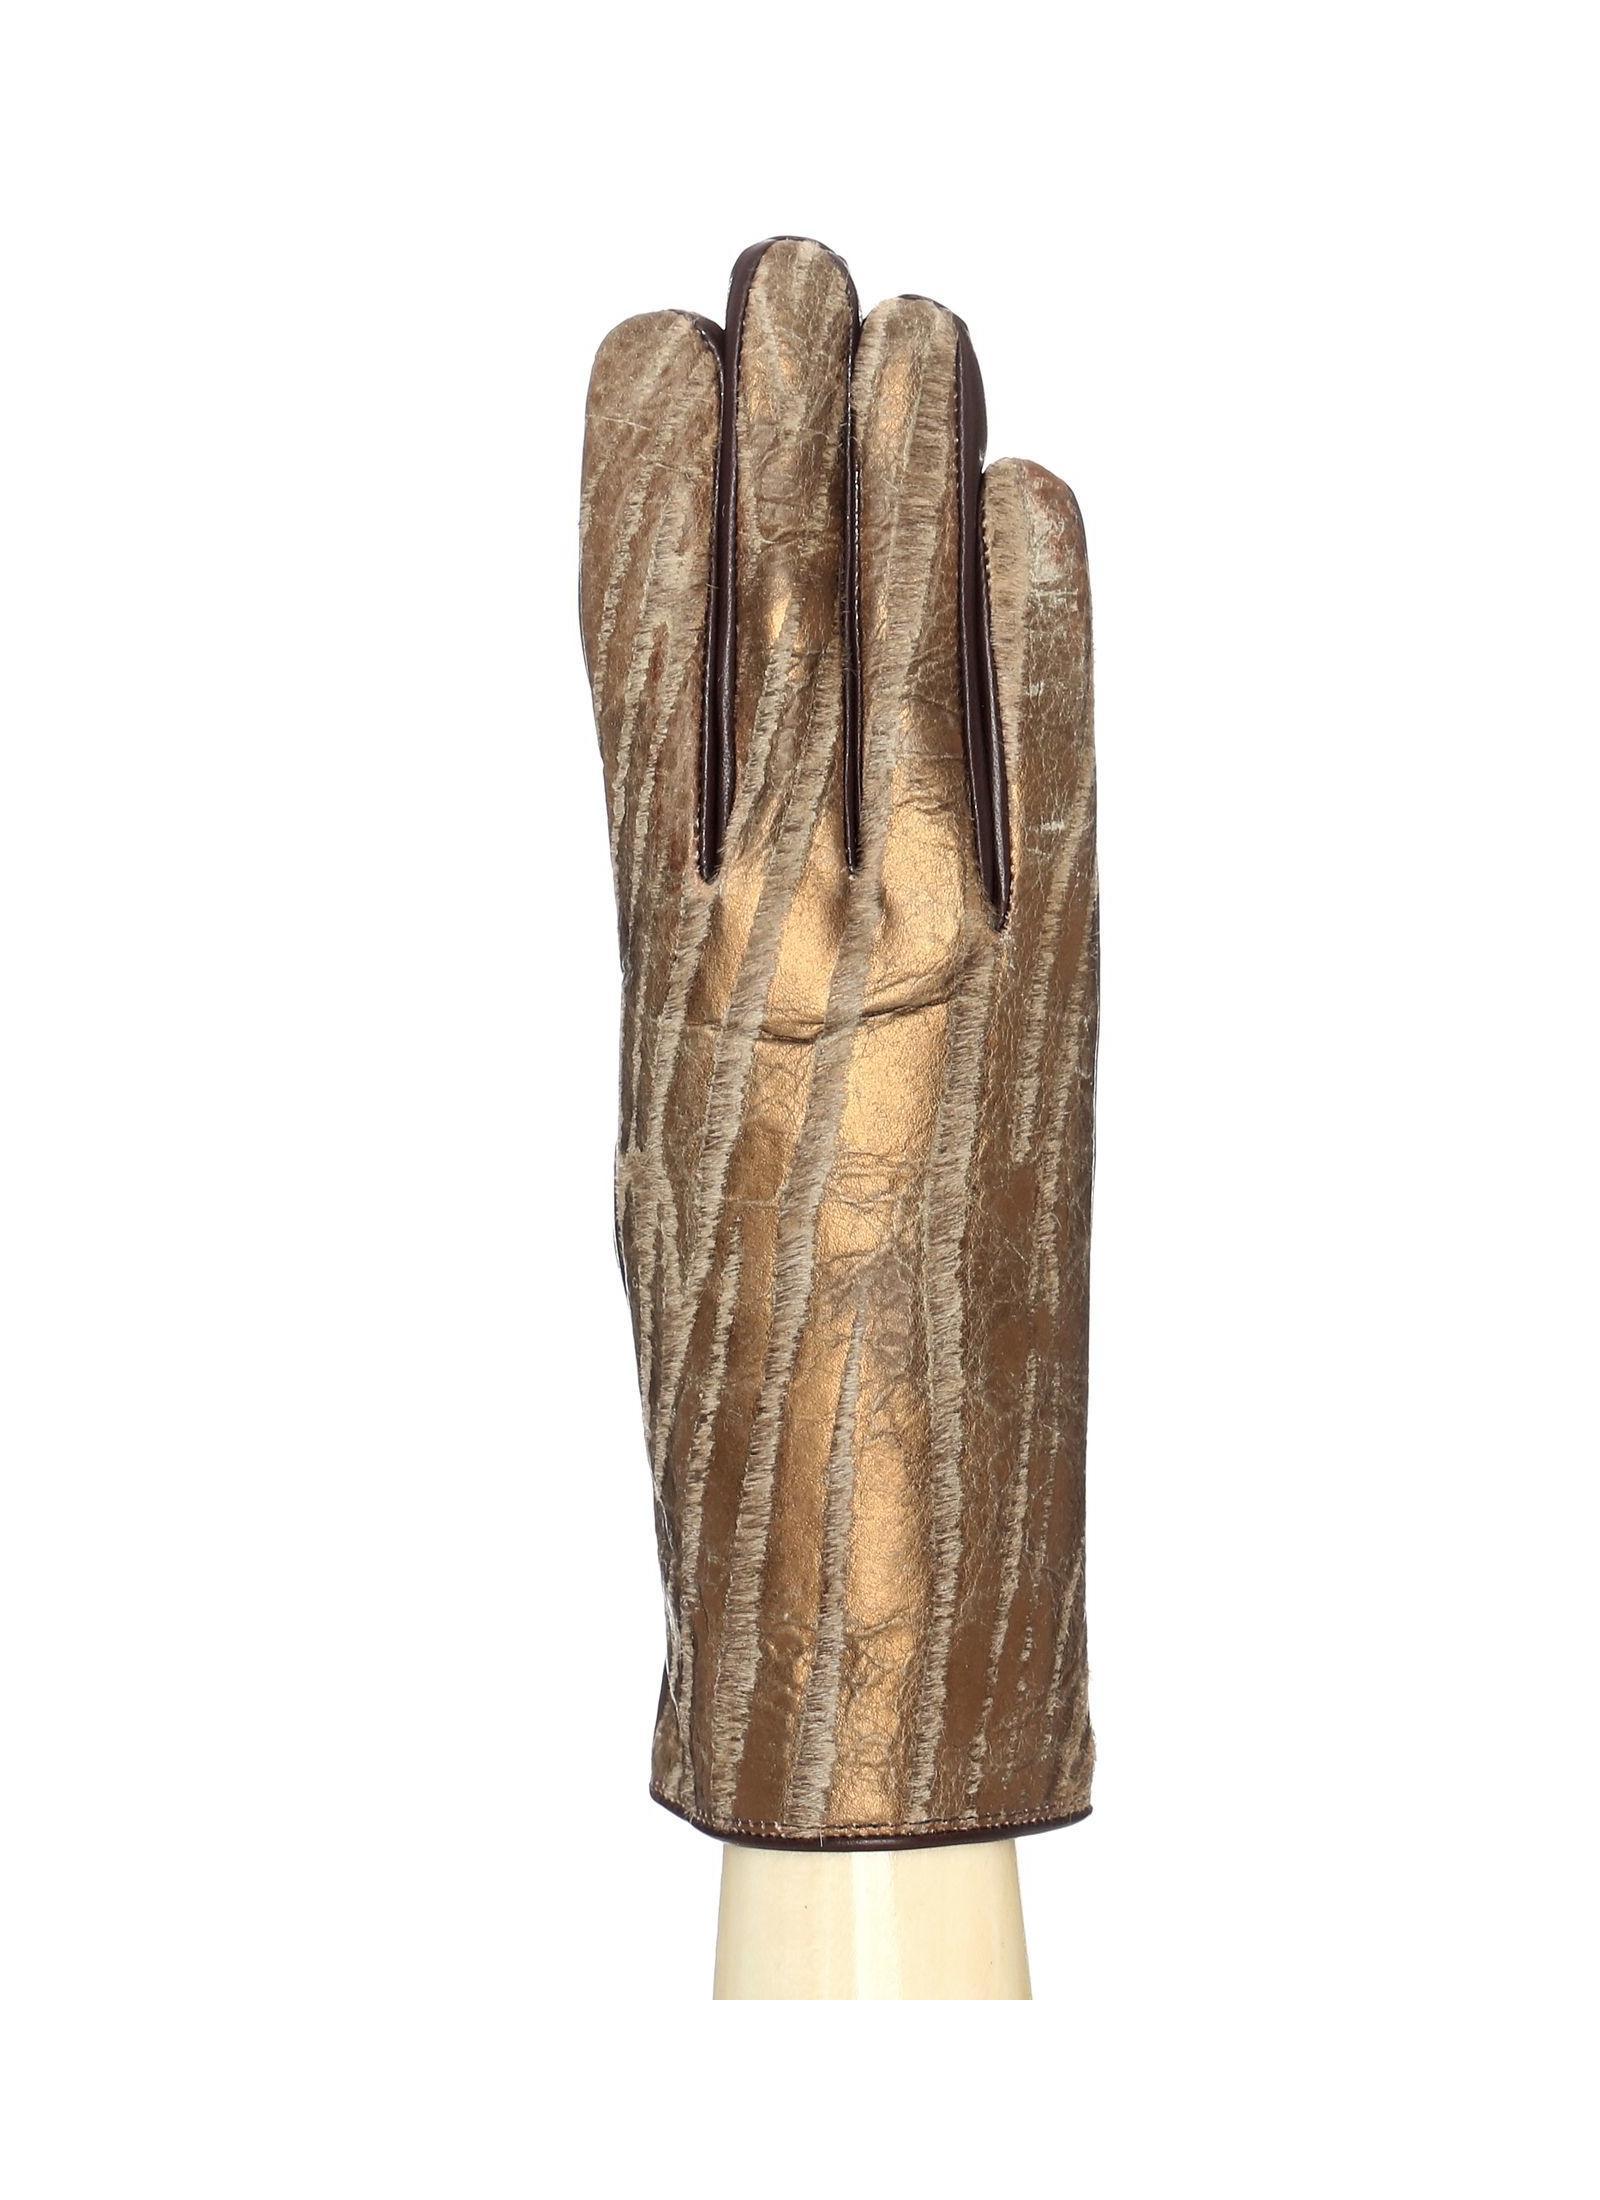 180d06ad88b Дамски ръкавици от естествена кожа - Trendo.bg | Трендо БГ АД